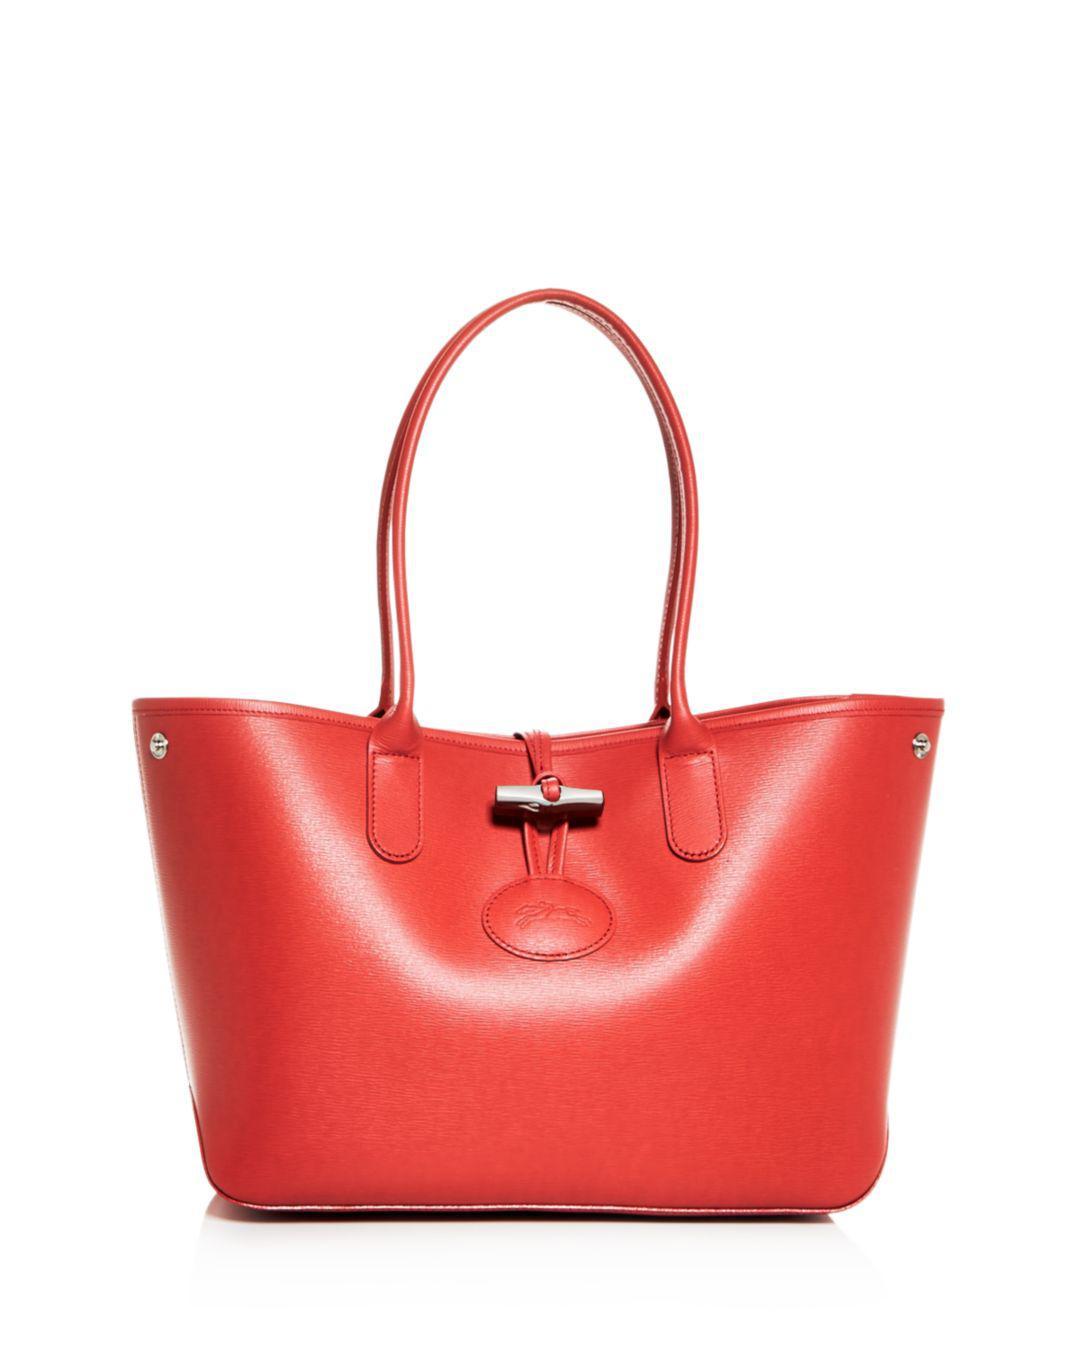 Lyst - Longchamp Roseau Small Leather Tote 6303e8ab85562